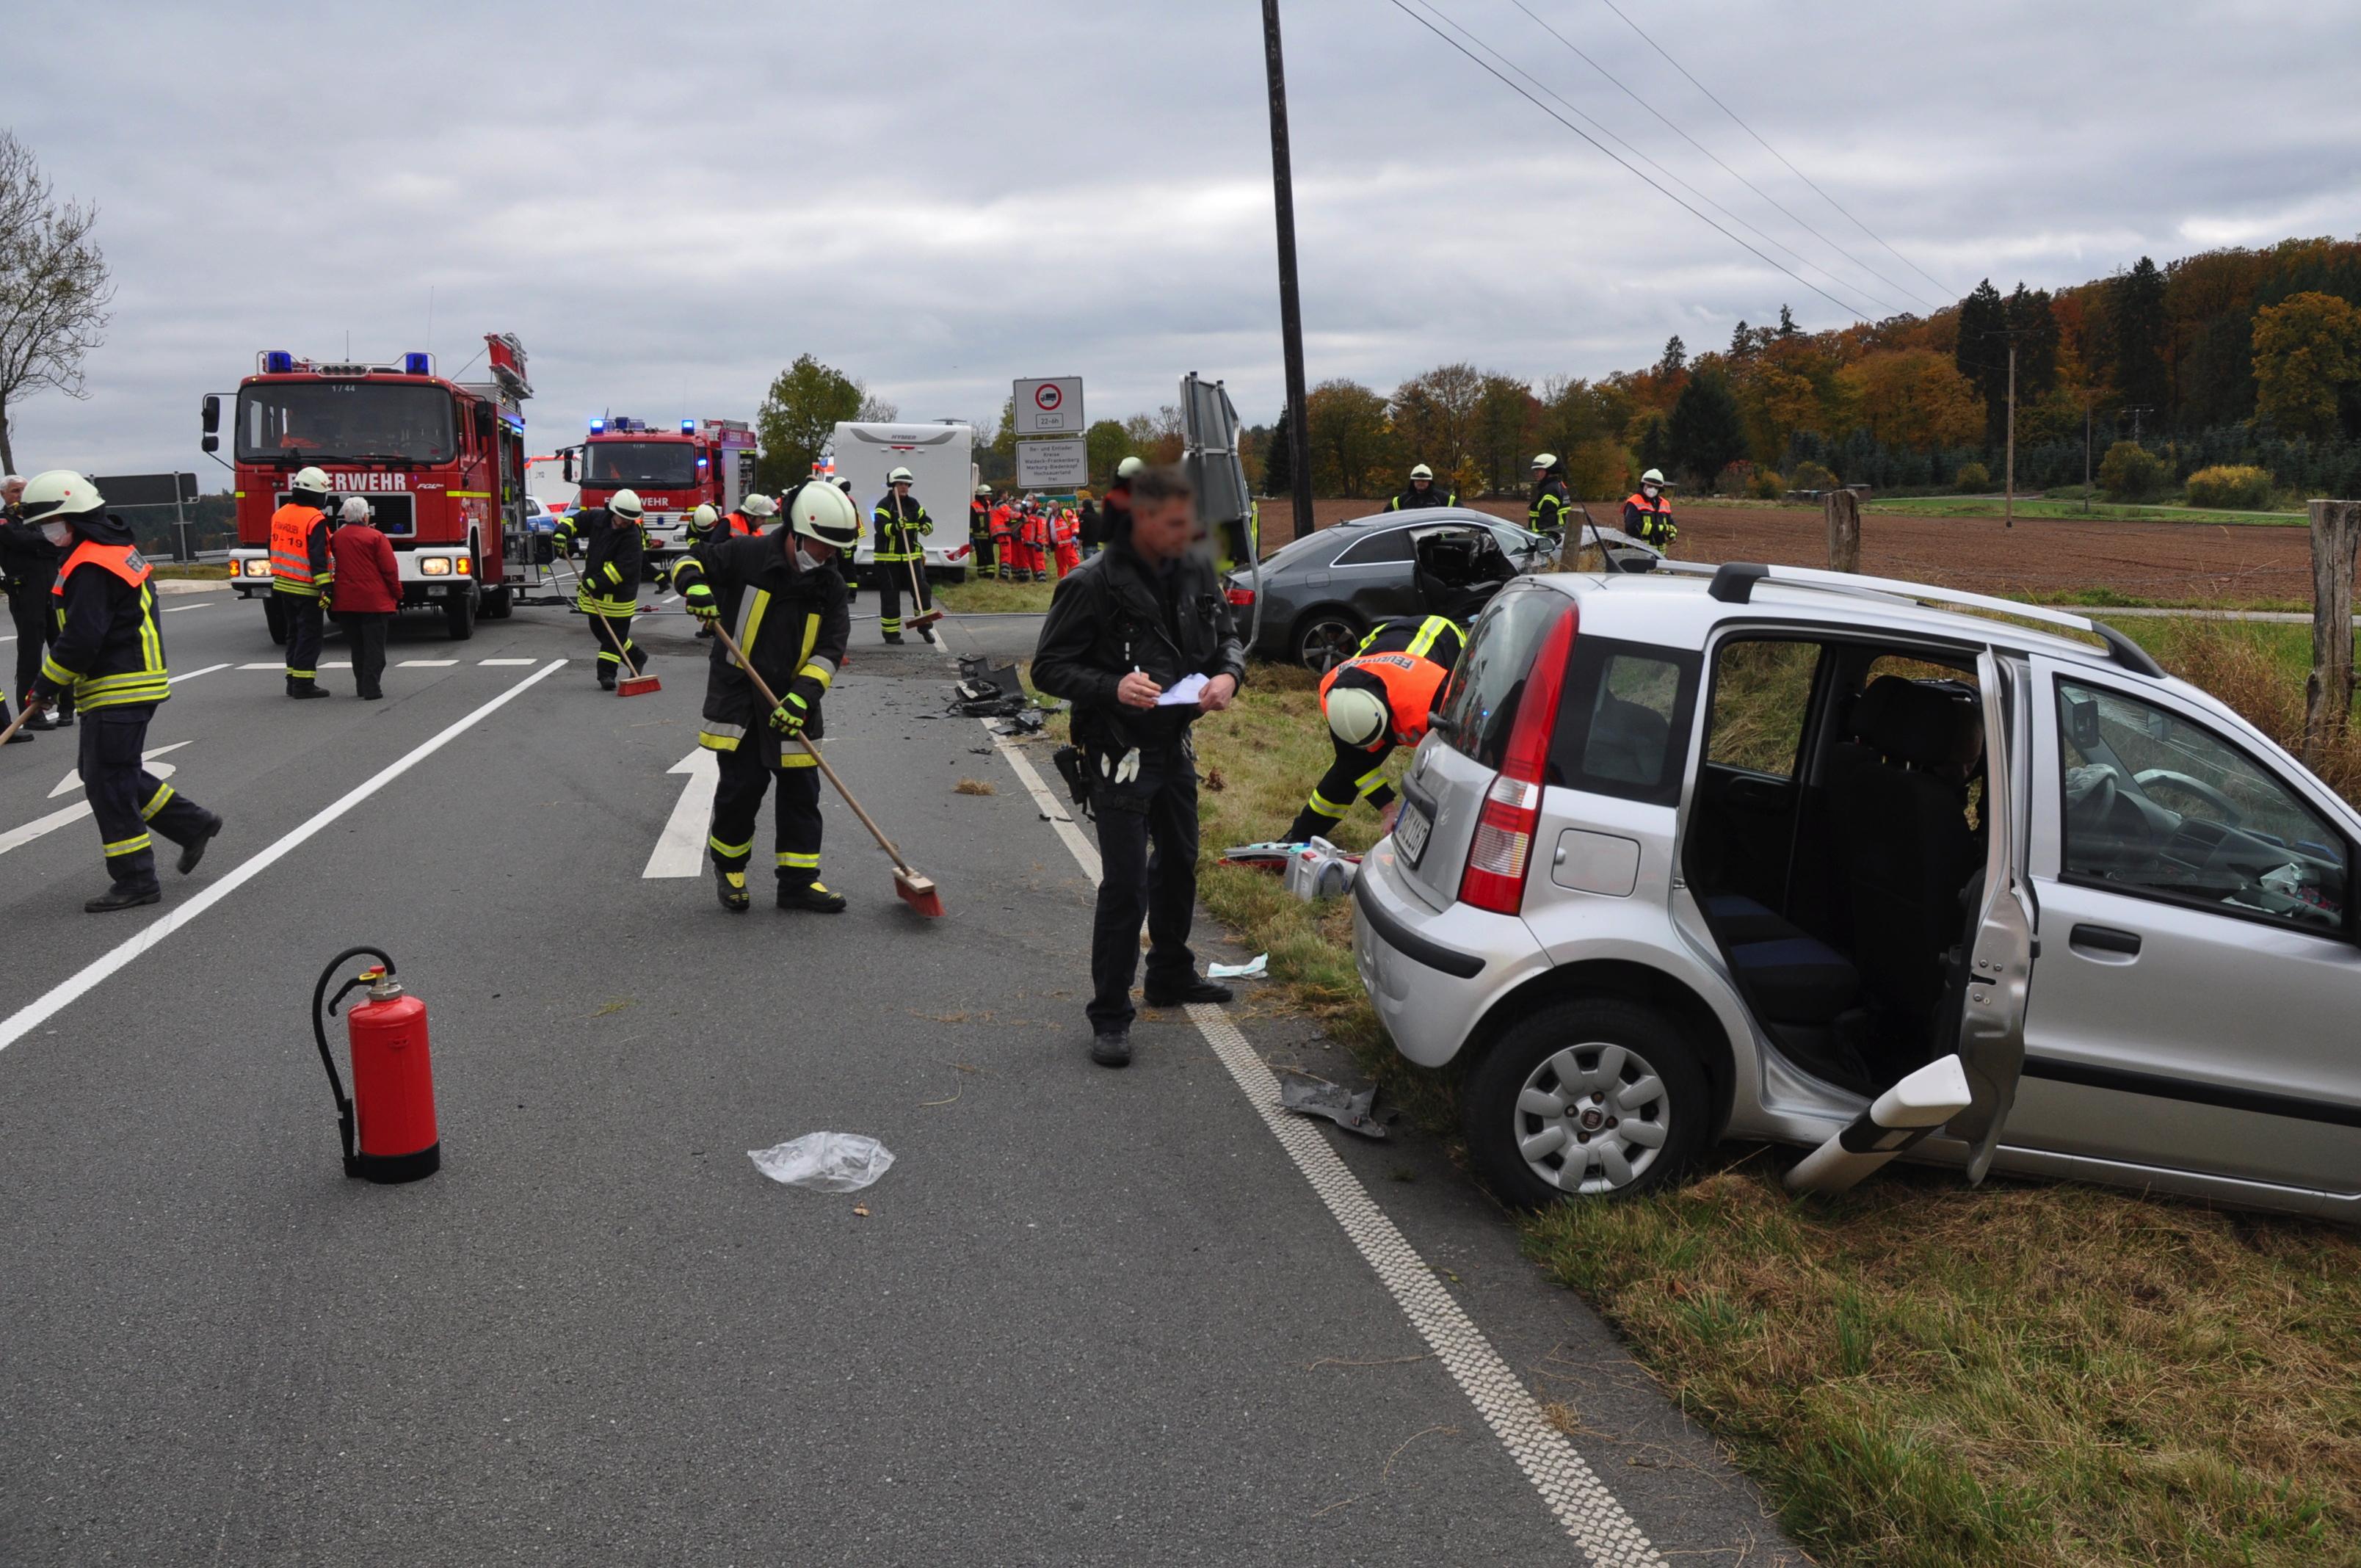 Schwerer Unfall bei Bad Arolsen: Mehrere Verletzte  - Rettungshubschrauber im Einsatz